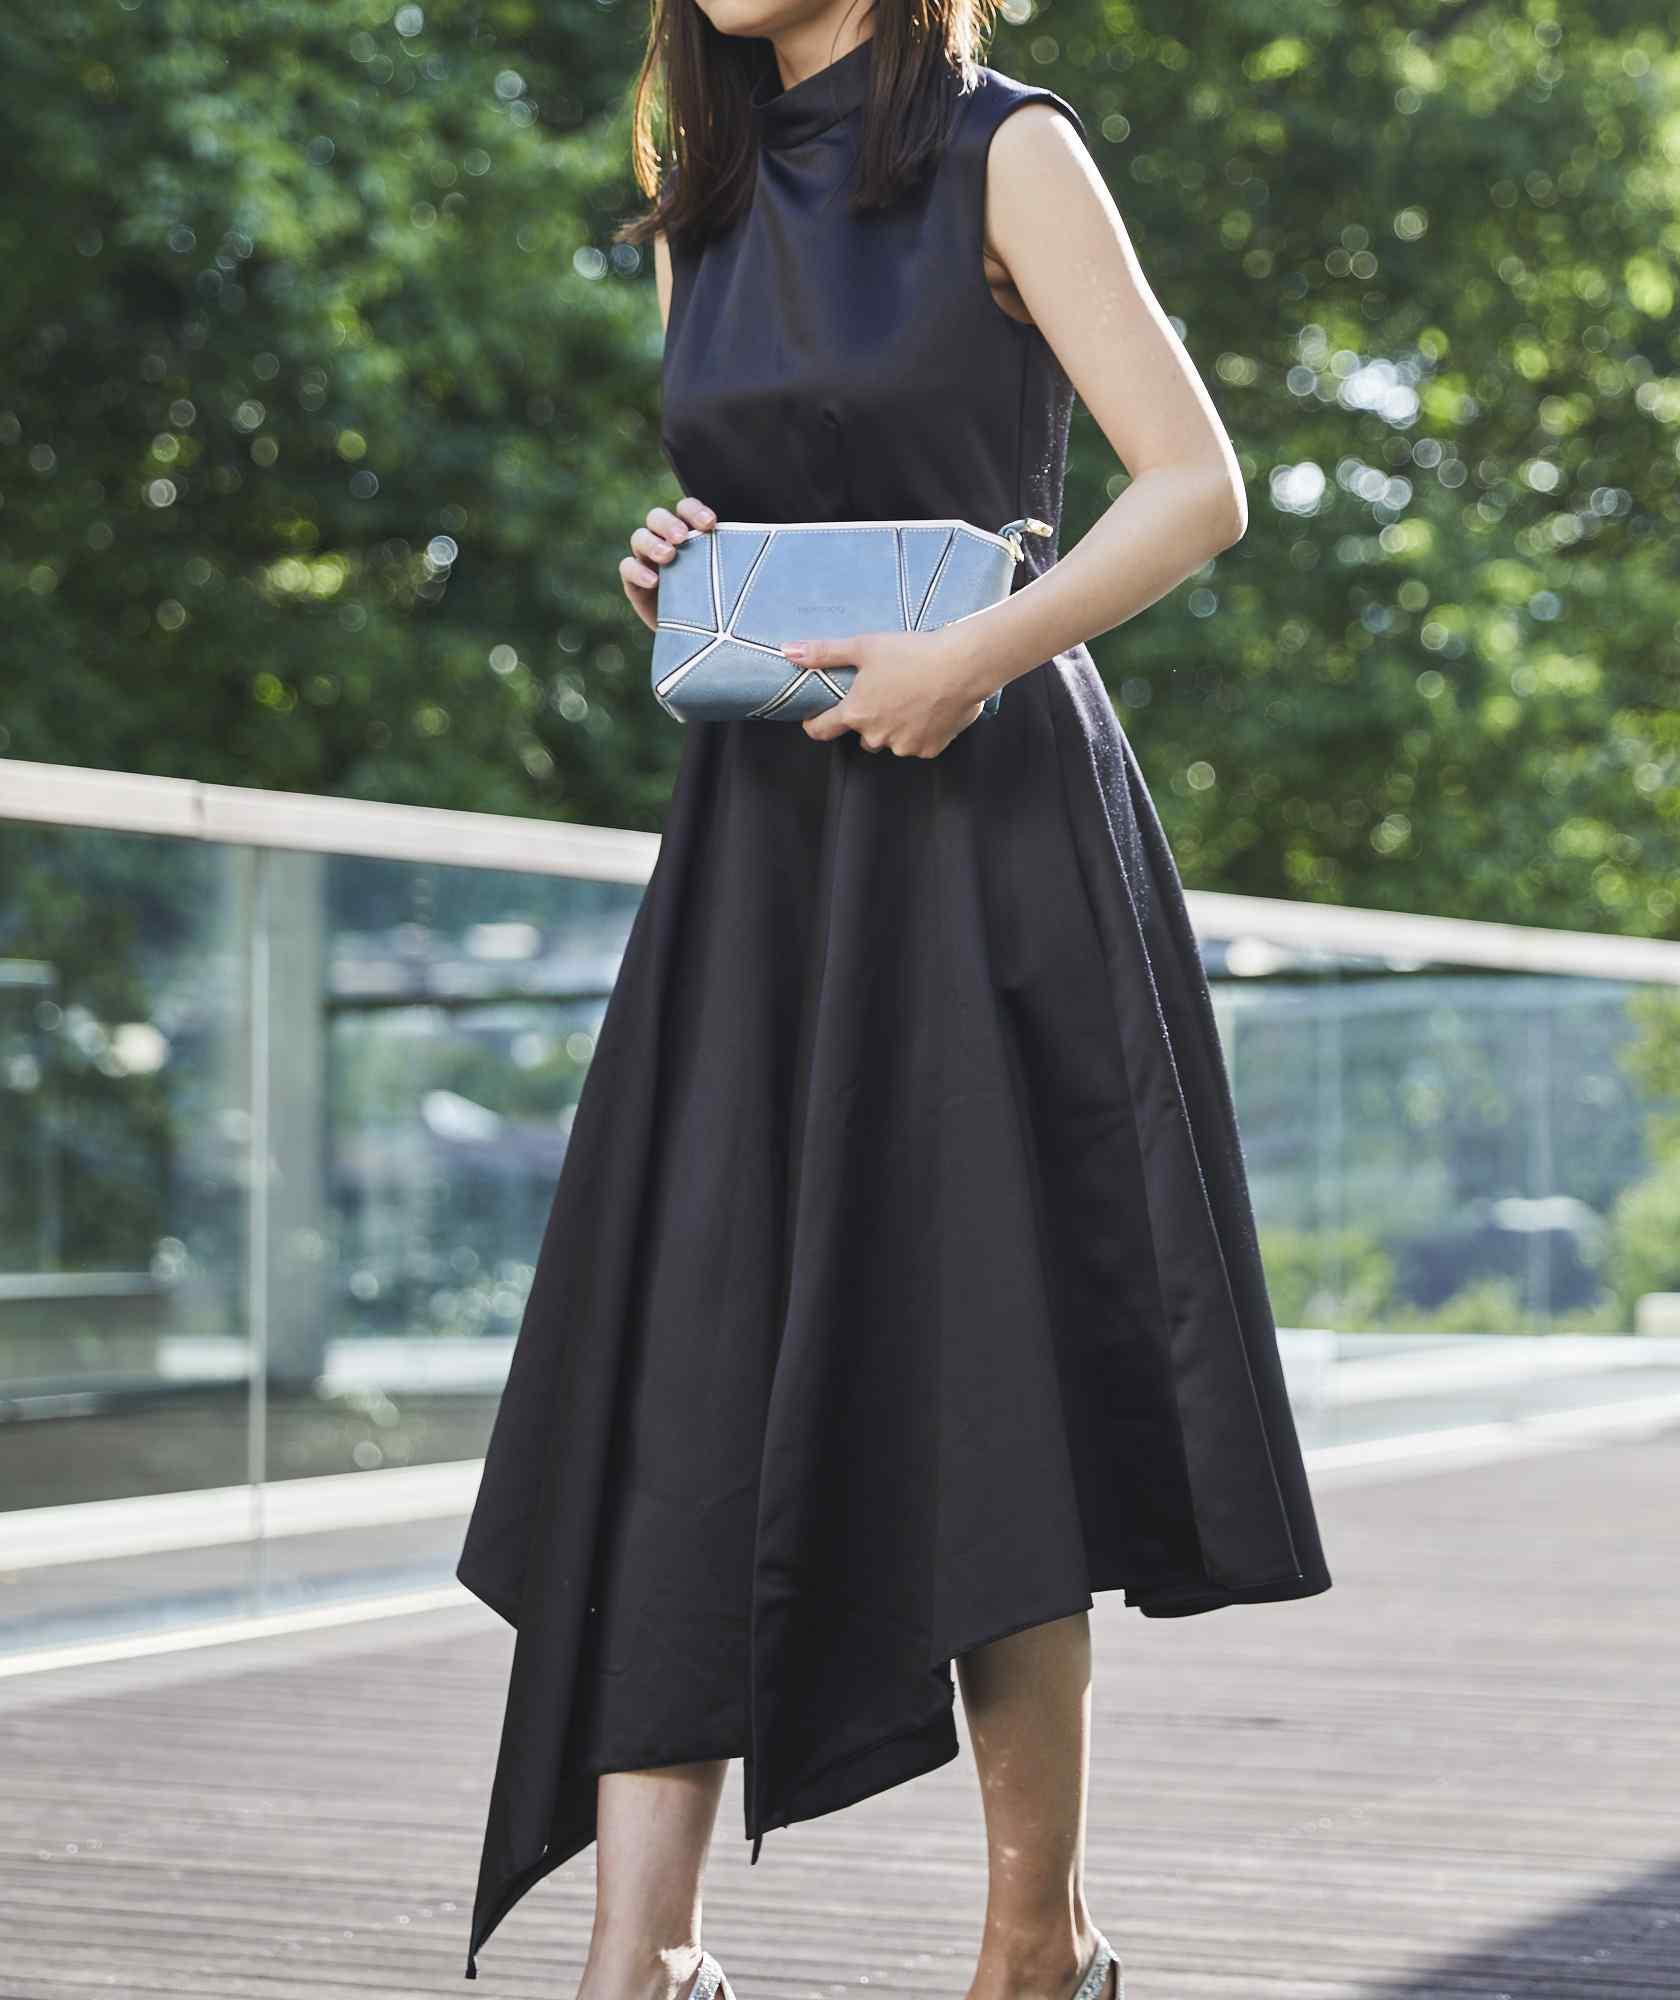 シャイニーハイネックオープンバックミディアムドレス-ブラック-M-L